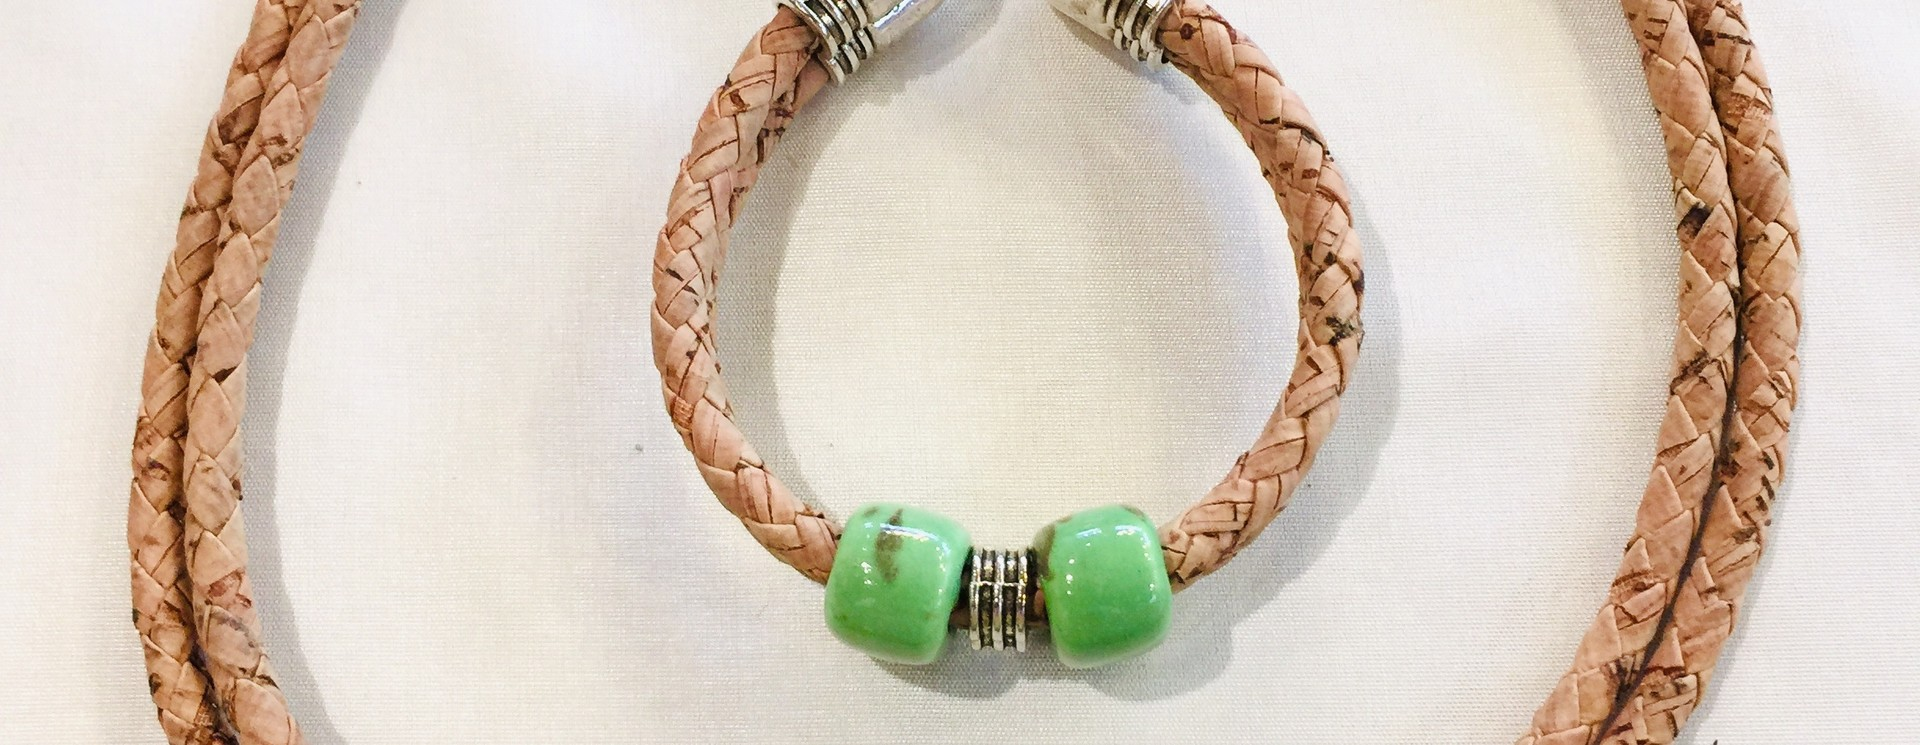 Handgemaakte juwelen uit kurk